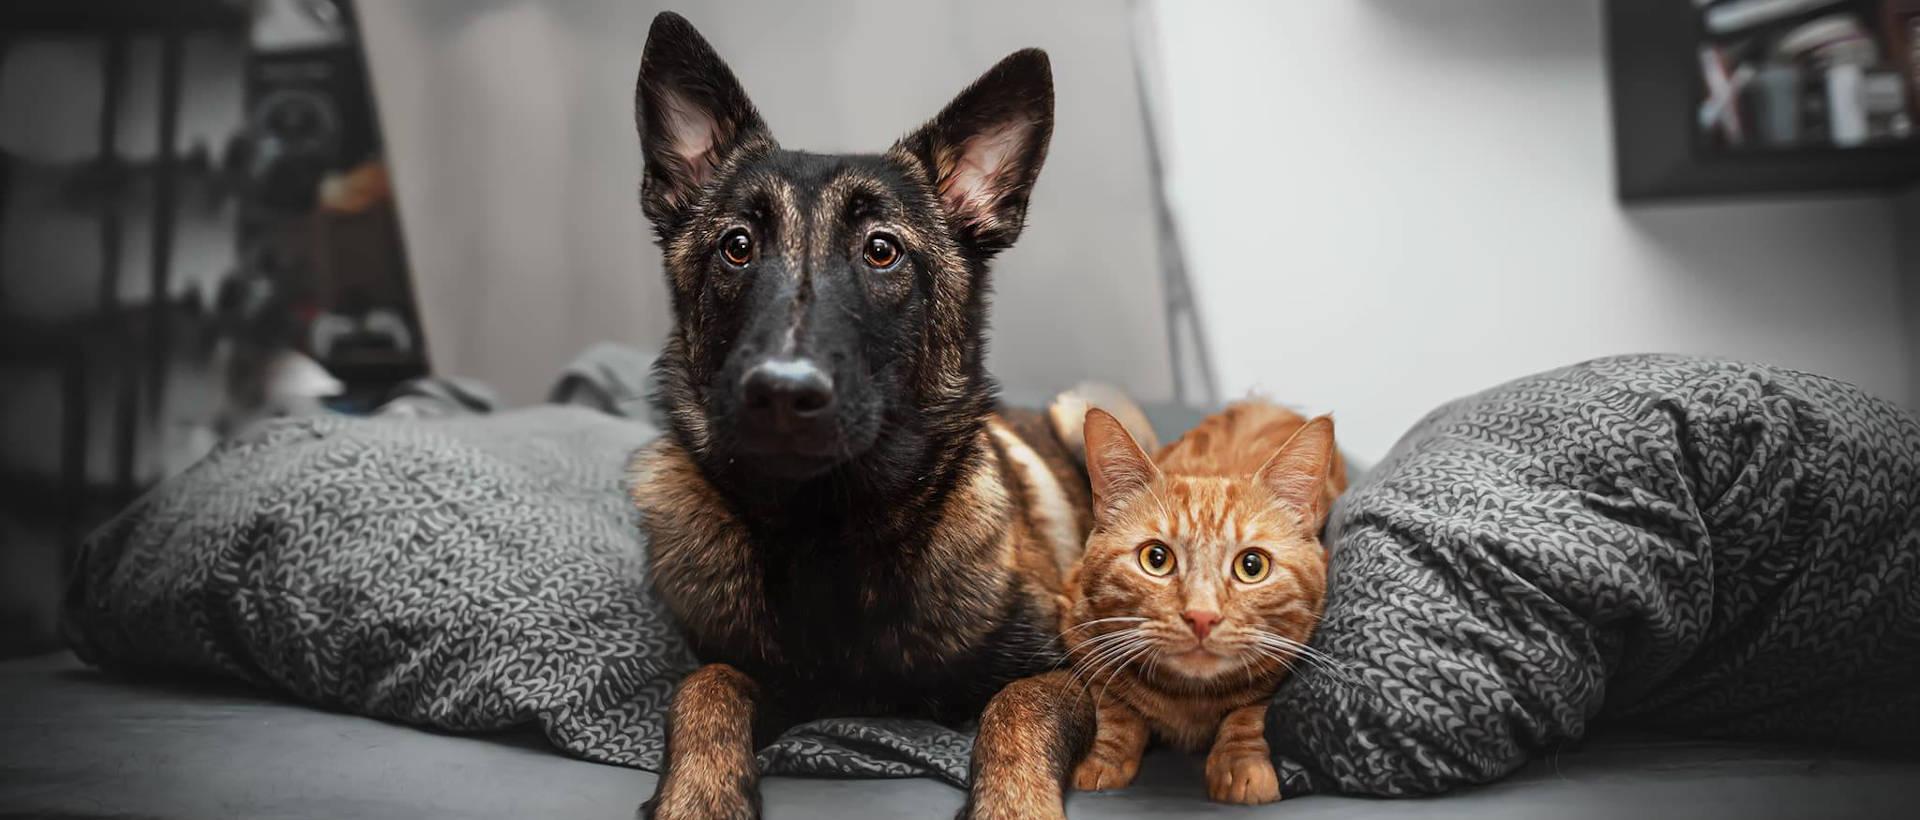 PET REVOLUTION - Evénement Animal University - Vivre et travailler dans le respect de l'animal